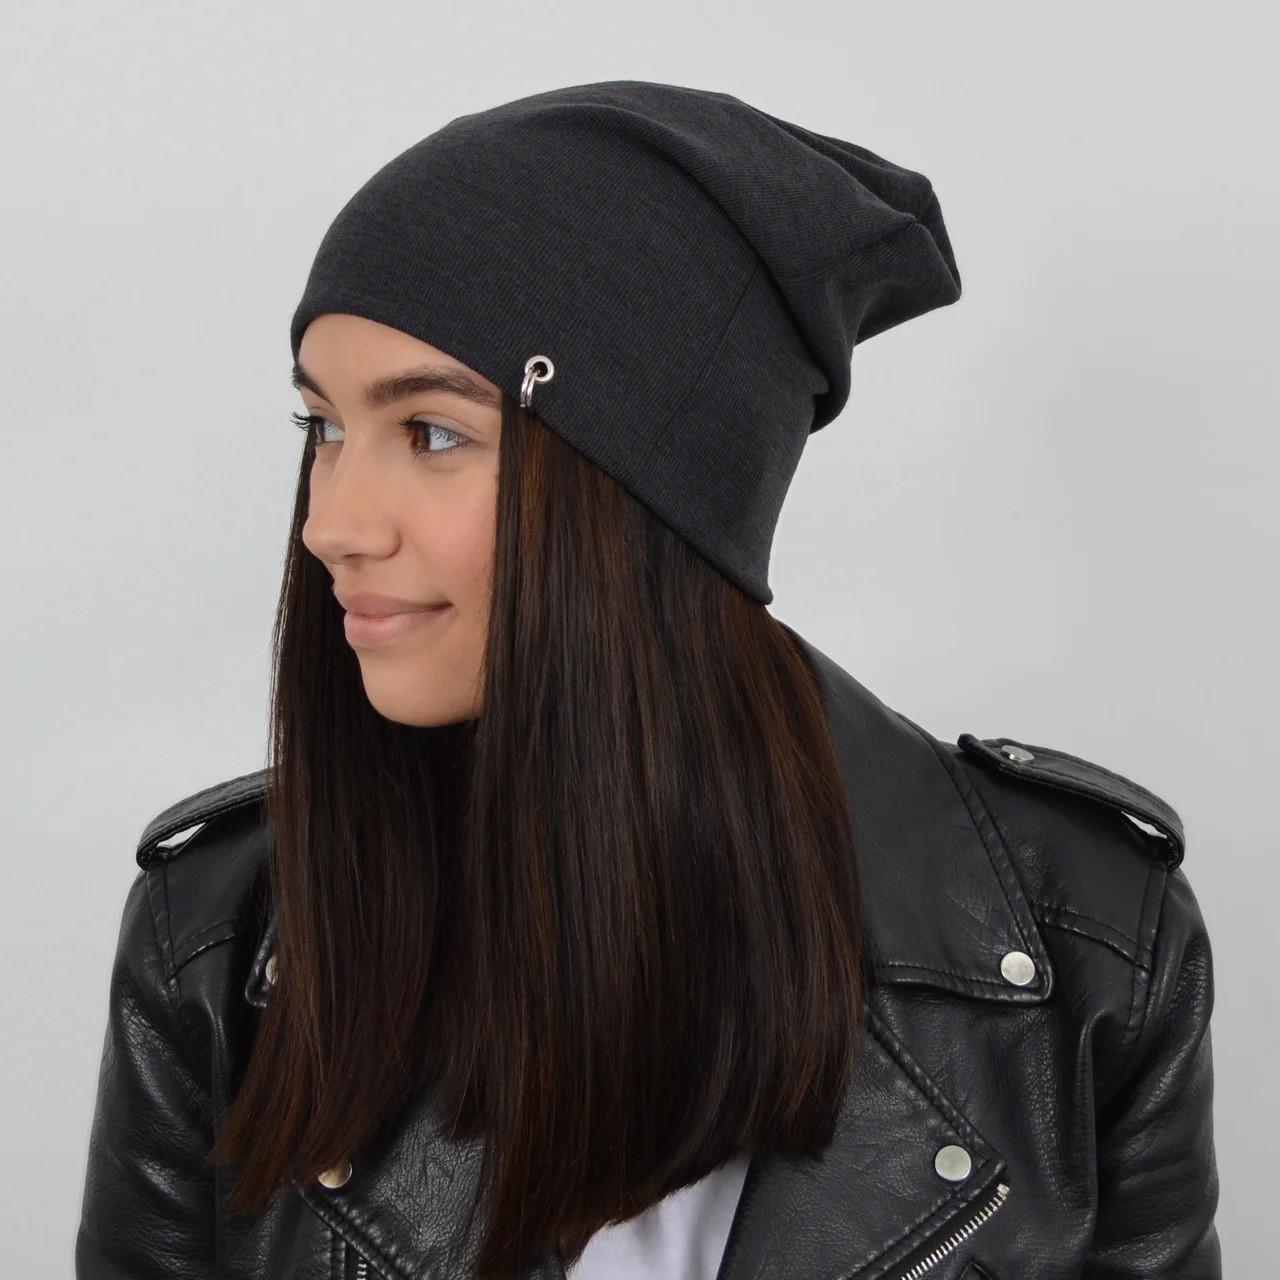 Молодежная трикотажная шапка Nord пирсинг, темно-серая